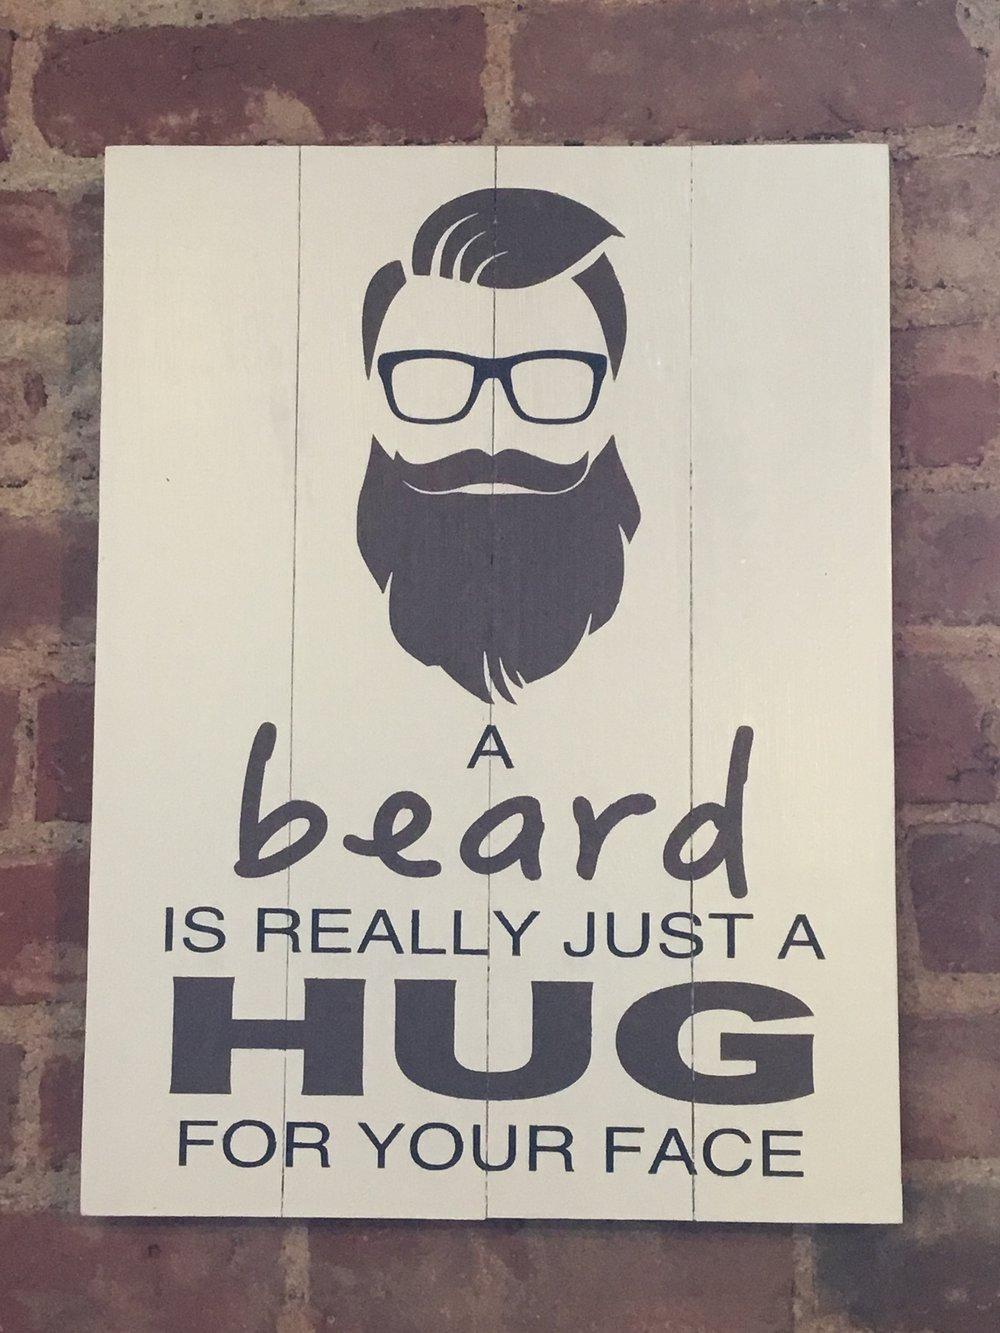 A beard is really just a hug..